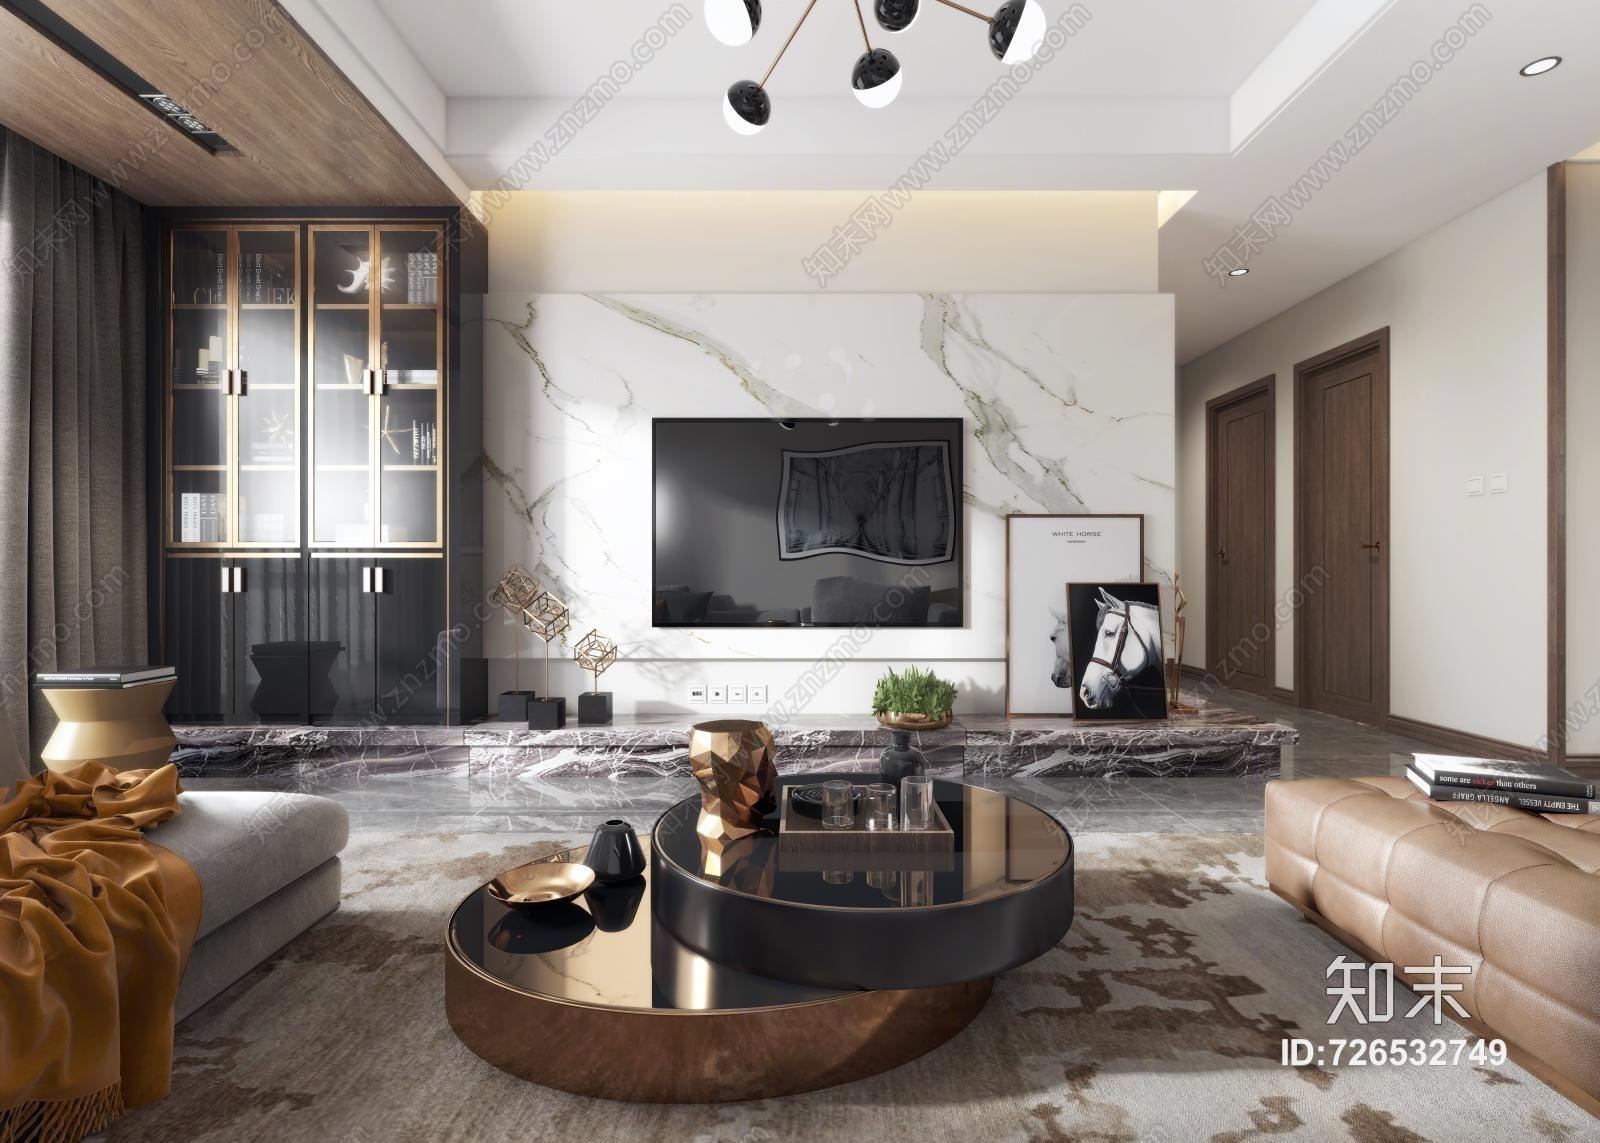 现代客厅 沙发茶几 吊灯 挂画 摆件 电视柜 背景墙 餐桌椅